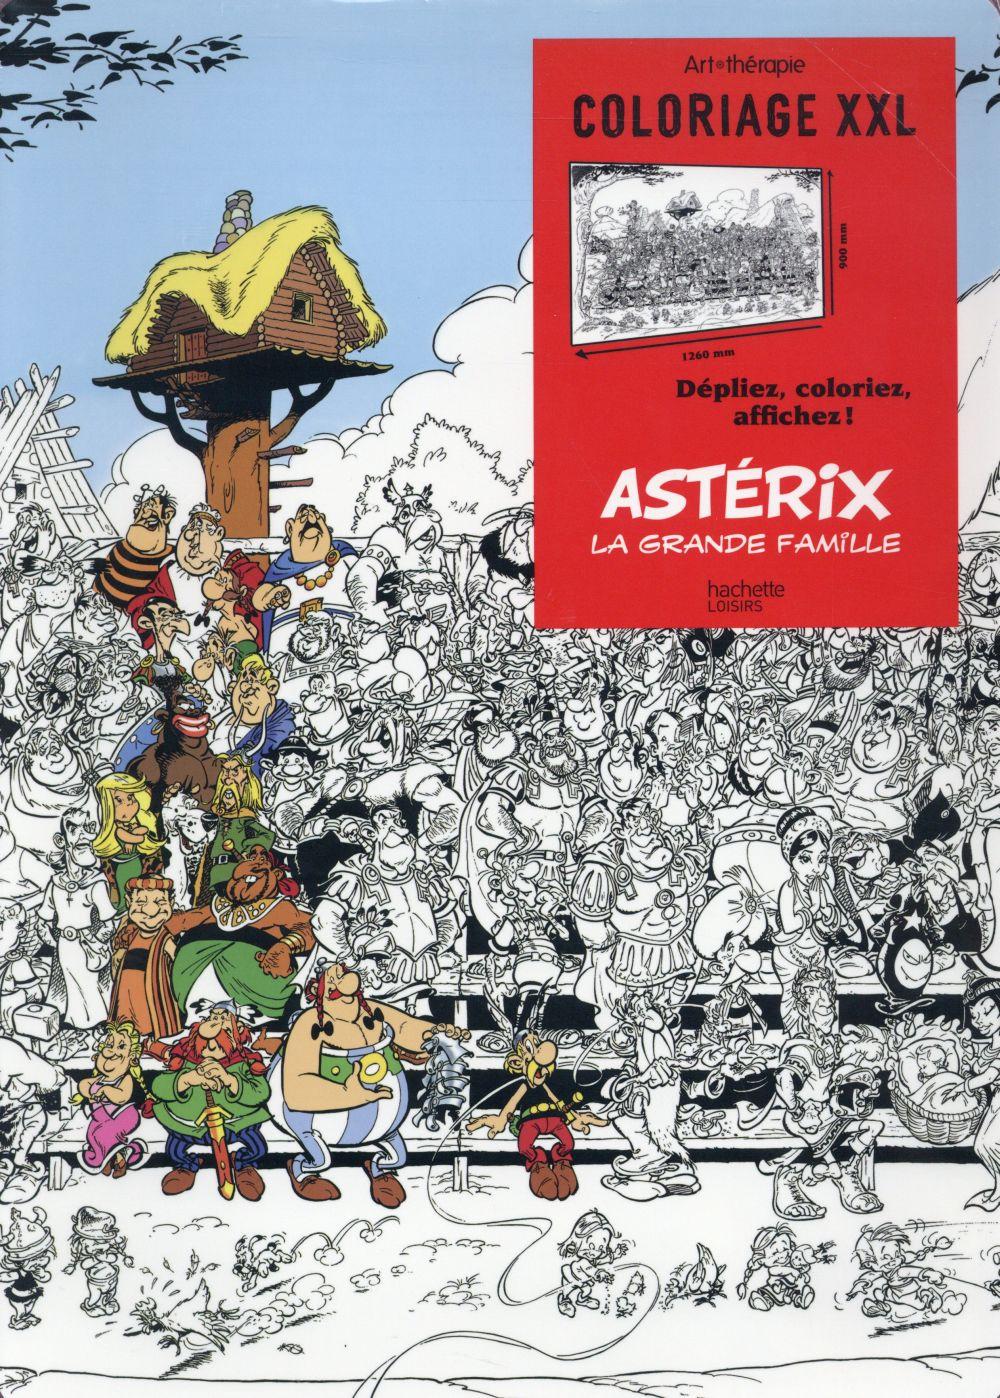 ART-THERAPIE ; Astérix ; la grande famille ; coloriages XXL